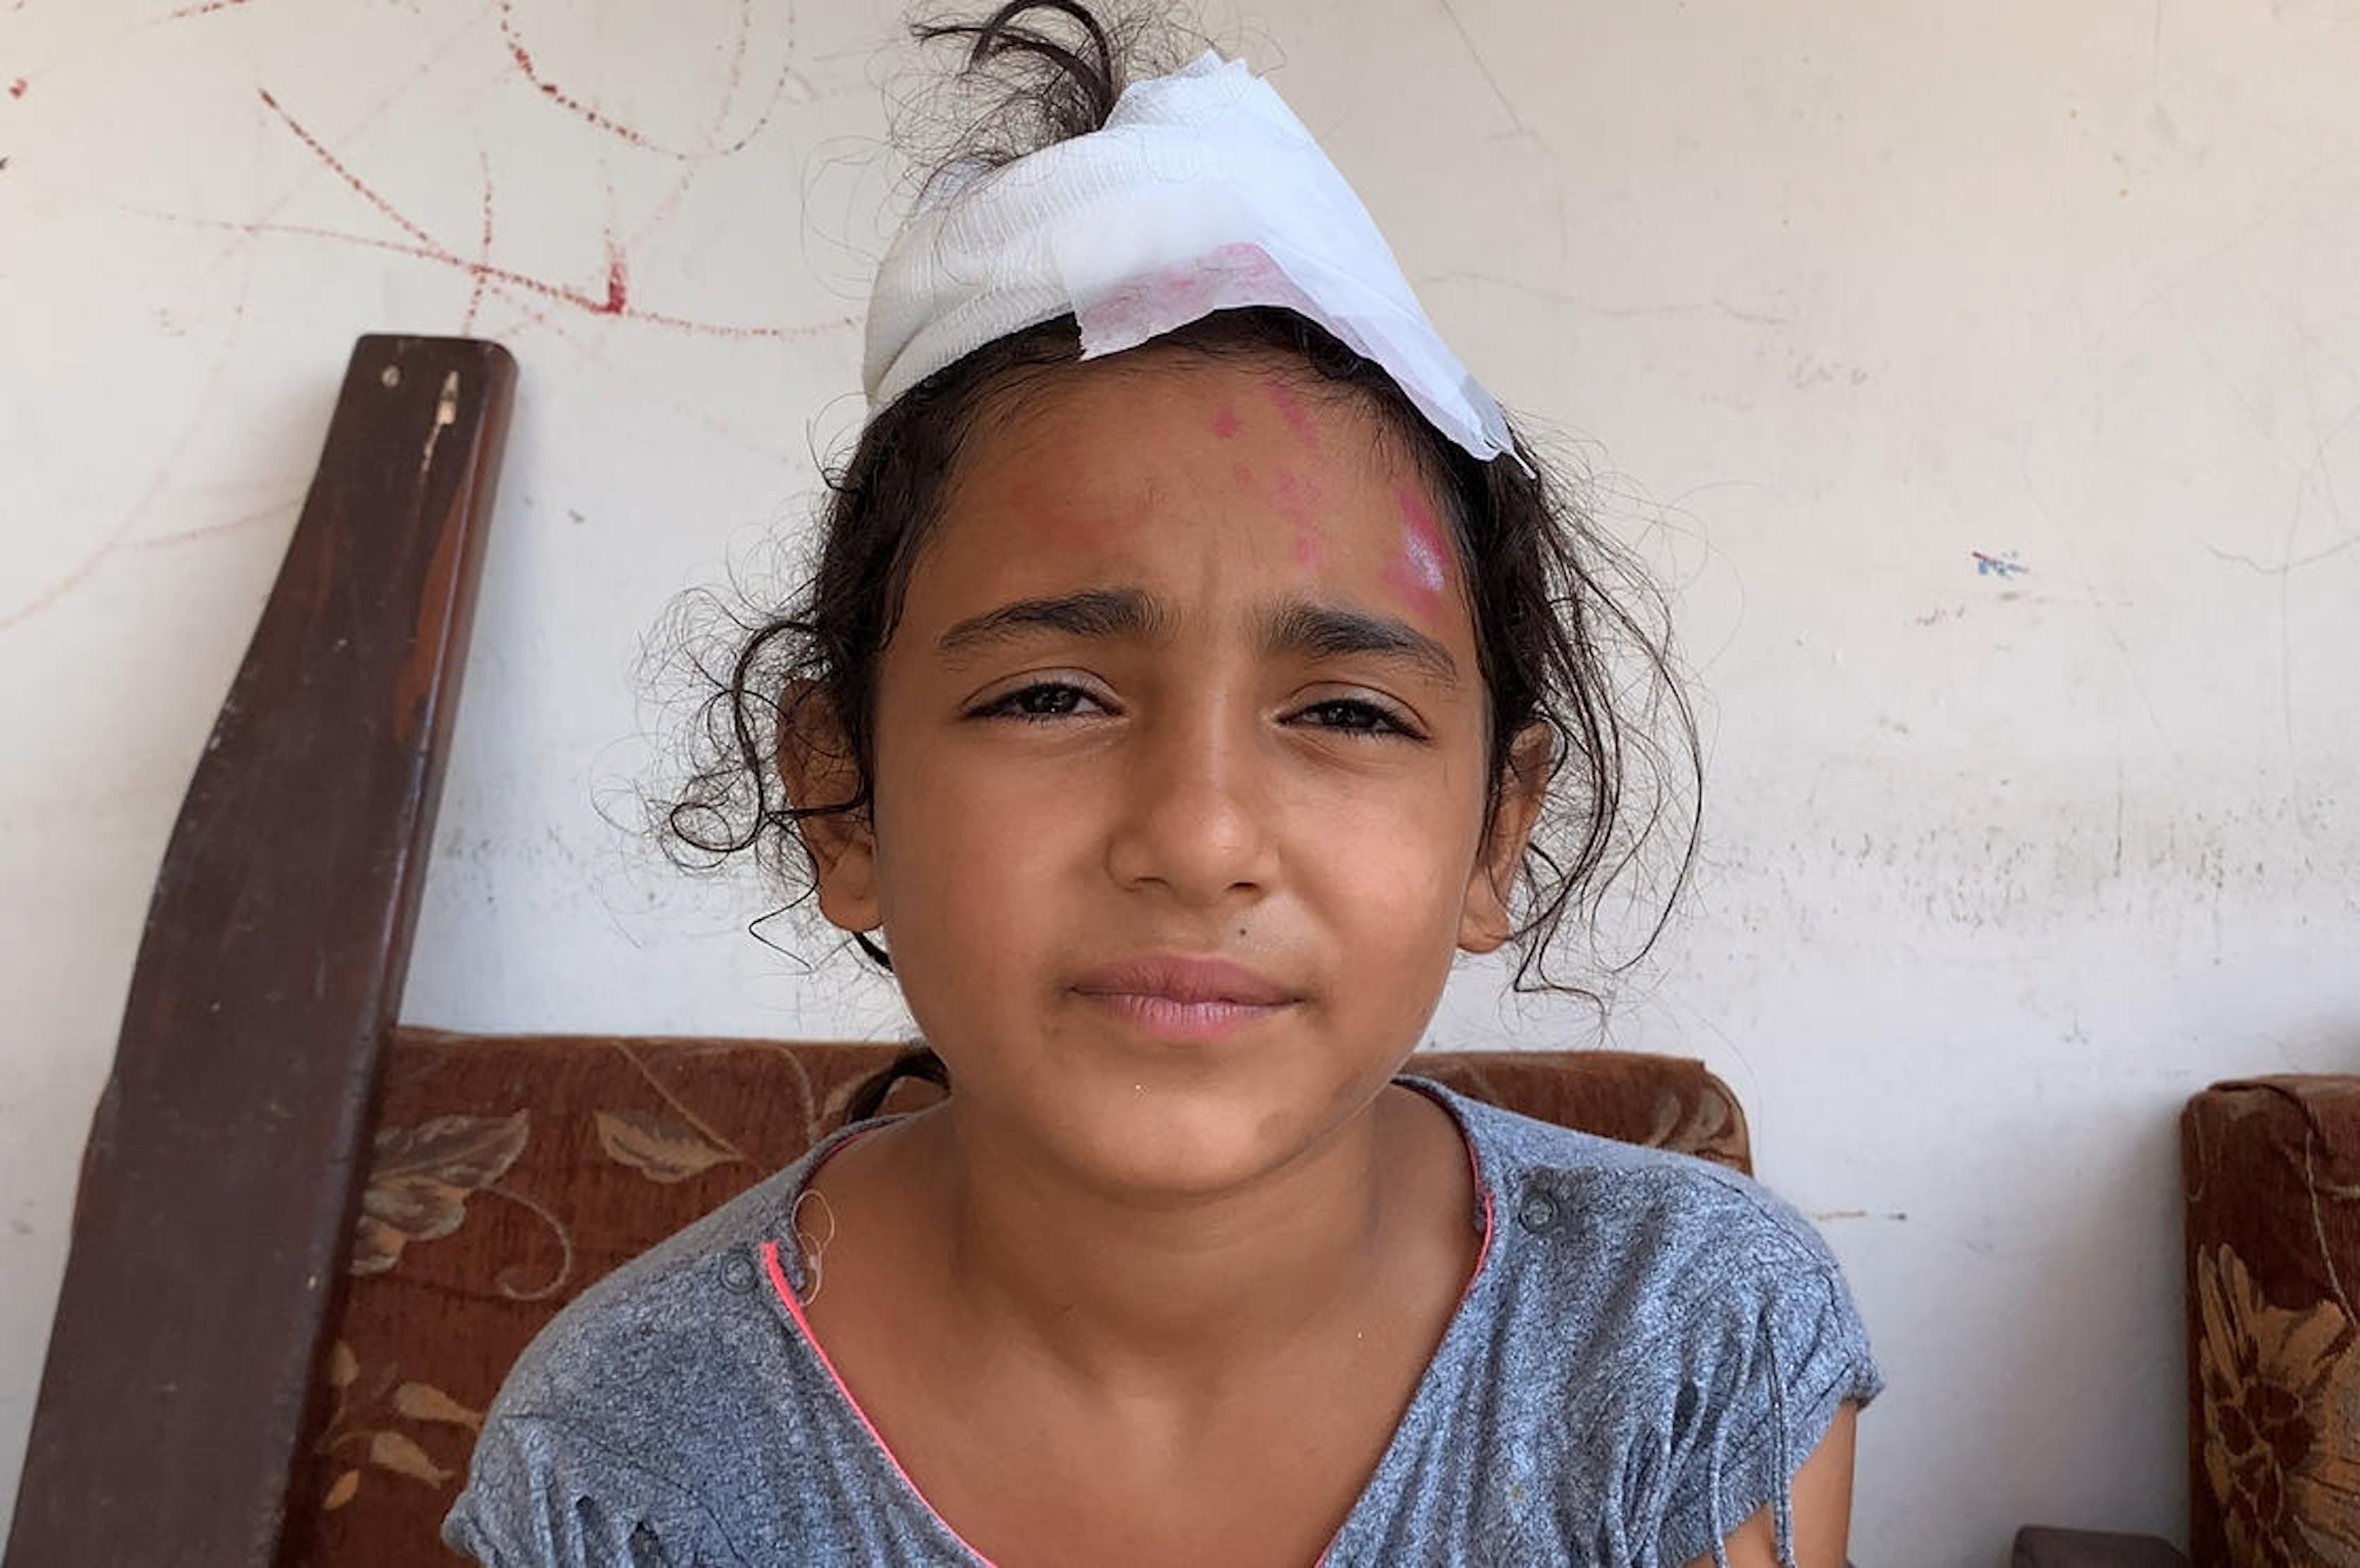 Mira, 10 anni, è rimasta ferita alla testa mentre si trovava nella sua abitazione a Beirut (Libano), il giorno della terribile esplosione nel porto - ©UNICEF/UNI360451/El Hage